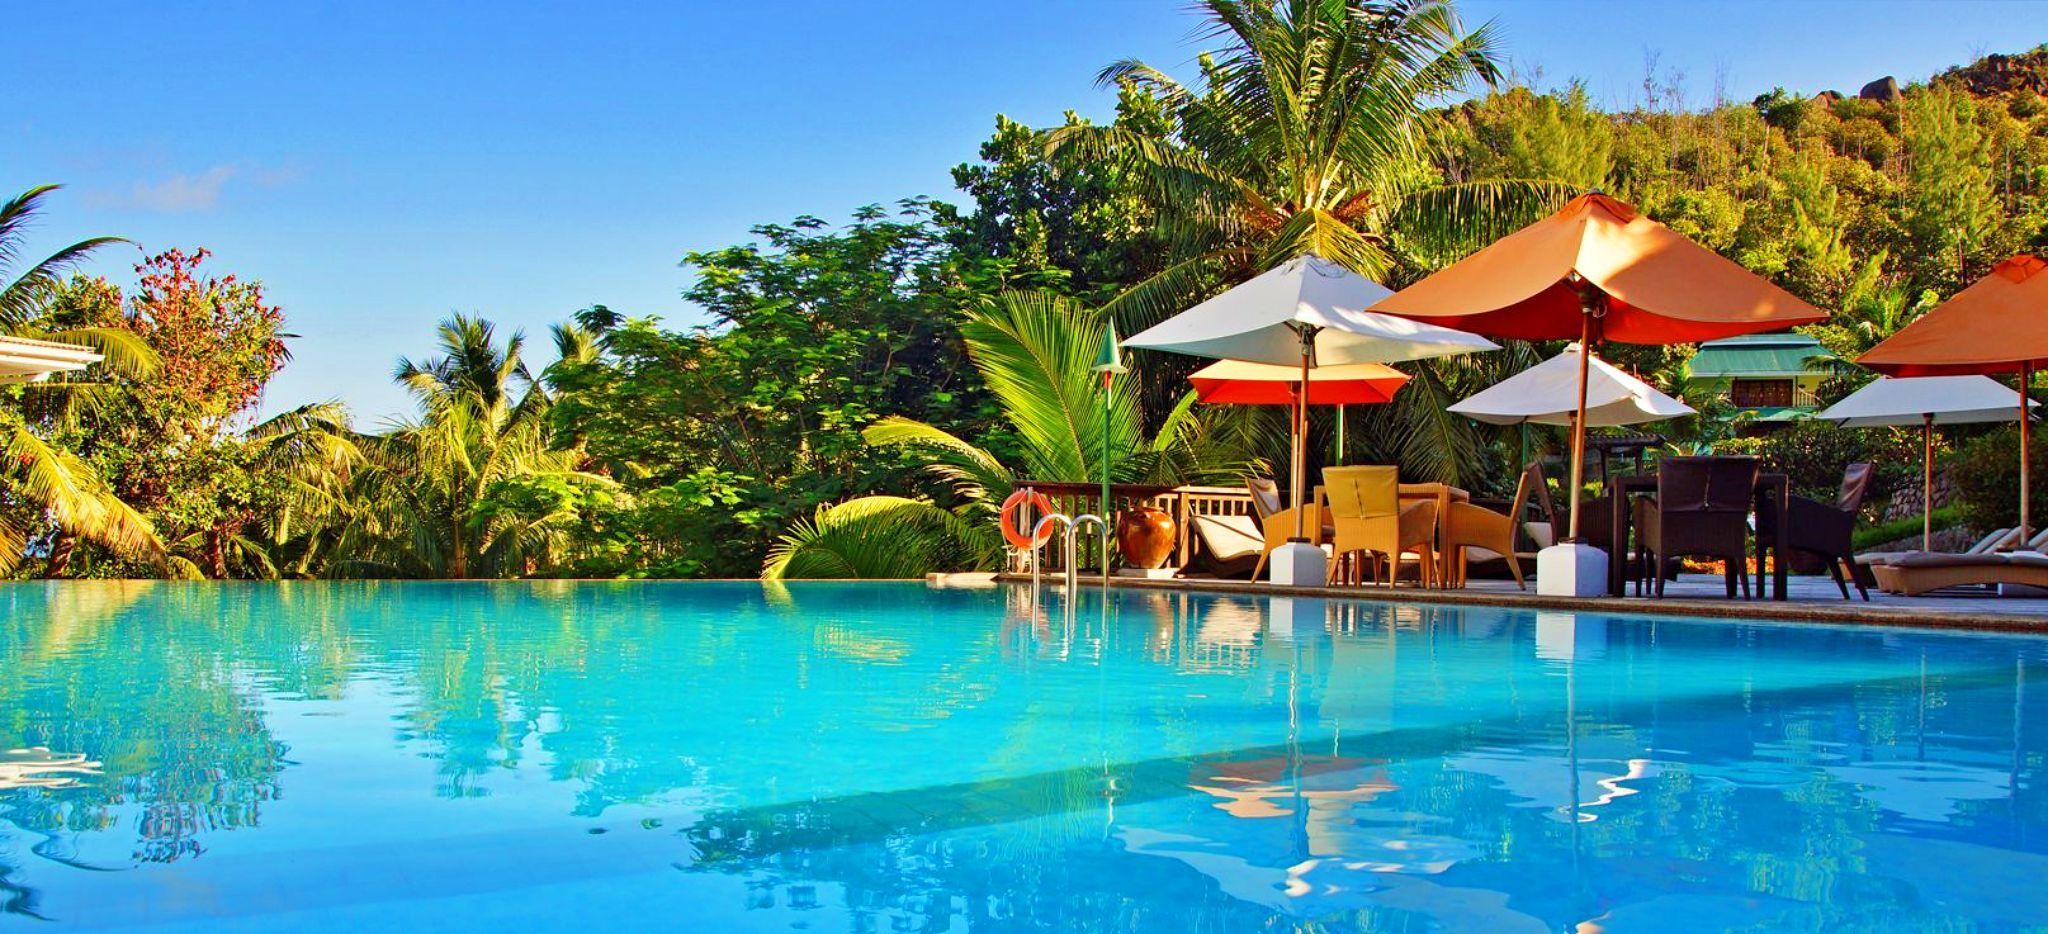 Ein großer Pool nah über der Oberfläche, dahinter Sonnenschirme